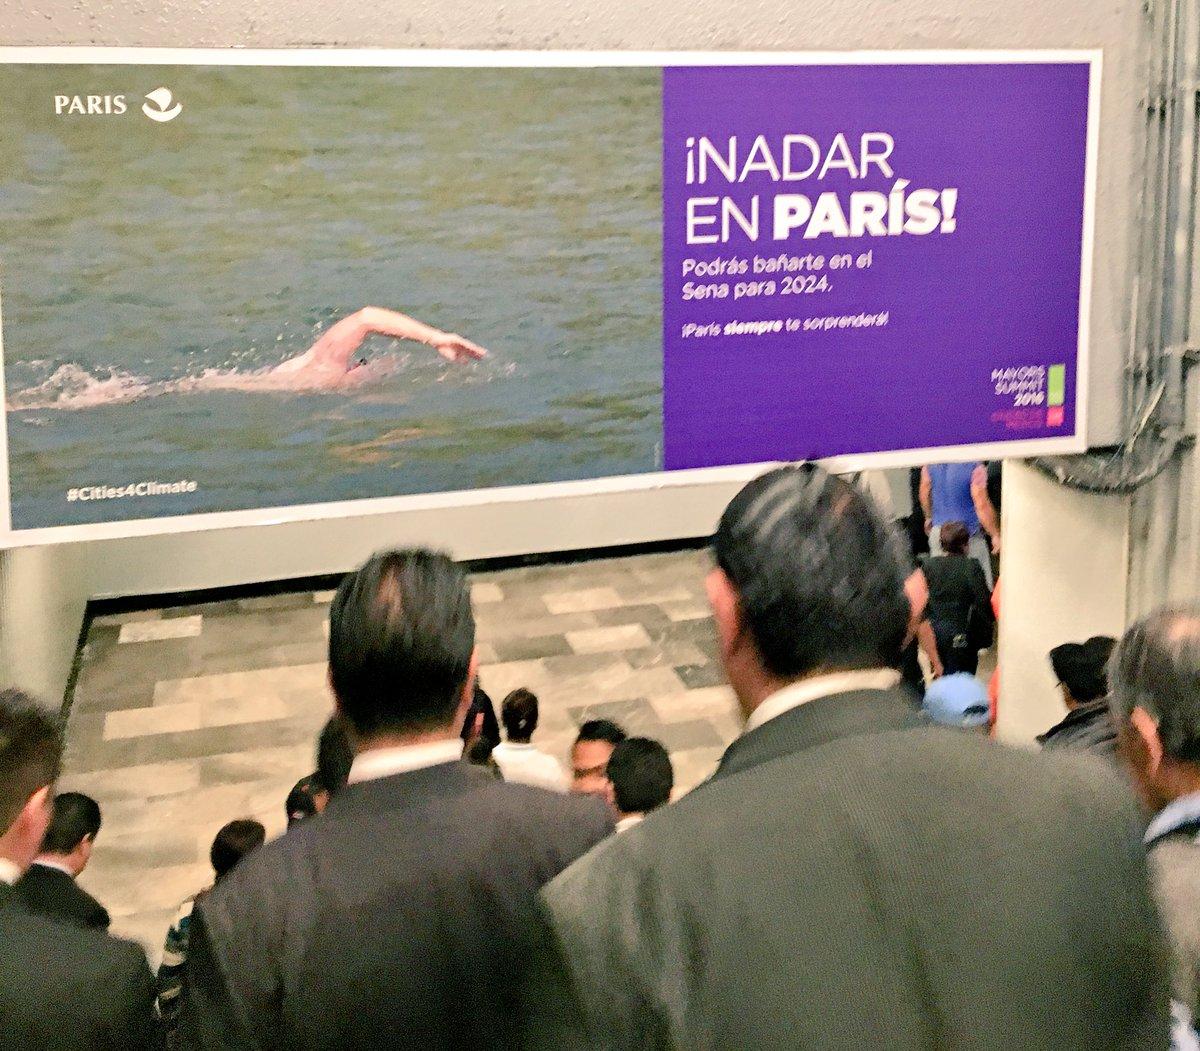 Paris ville innovante et durable à l'honneur dans le métro de Mexico ! #cities4climate #Parisjetaime